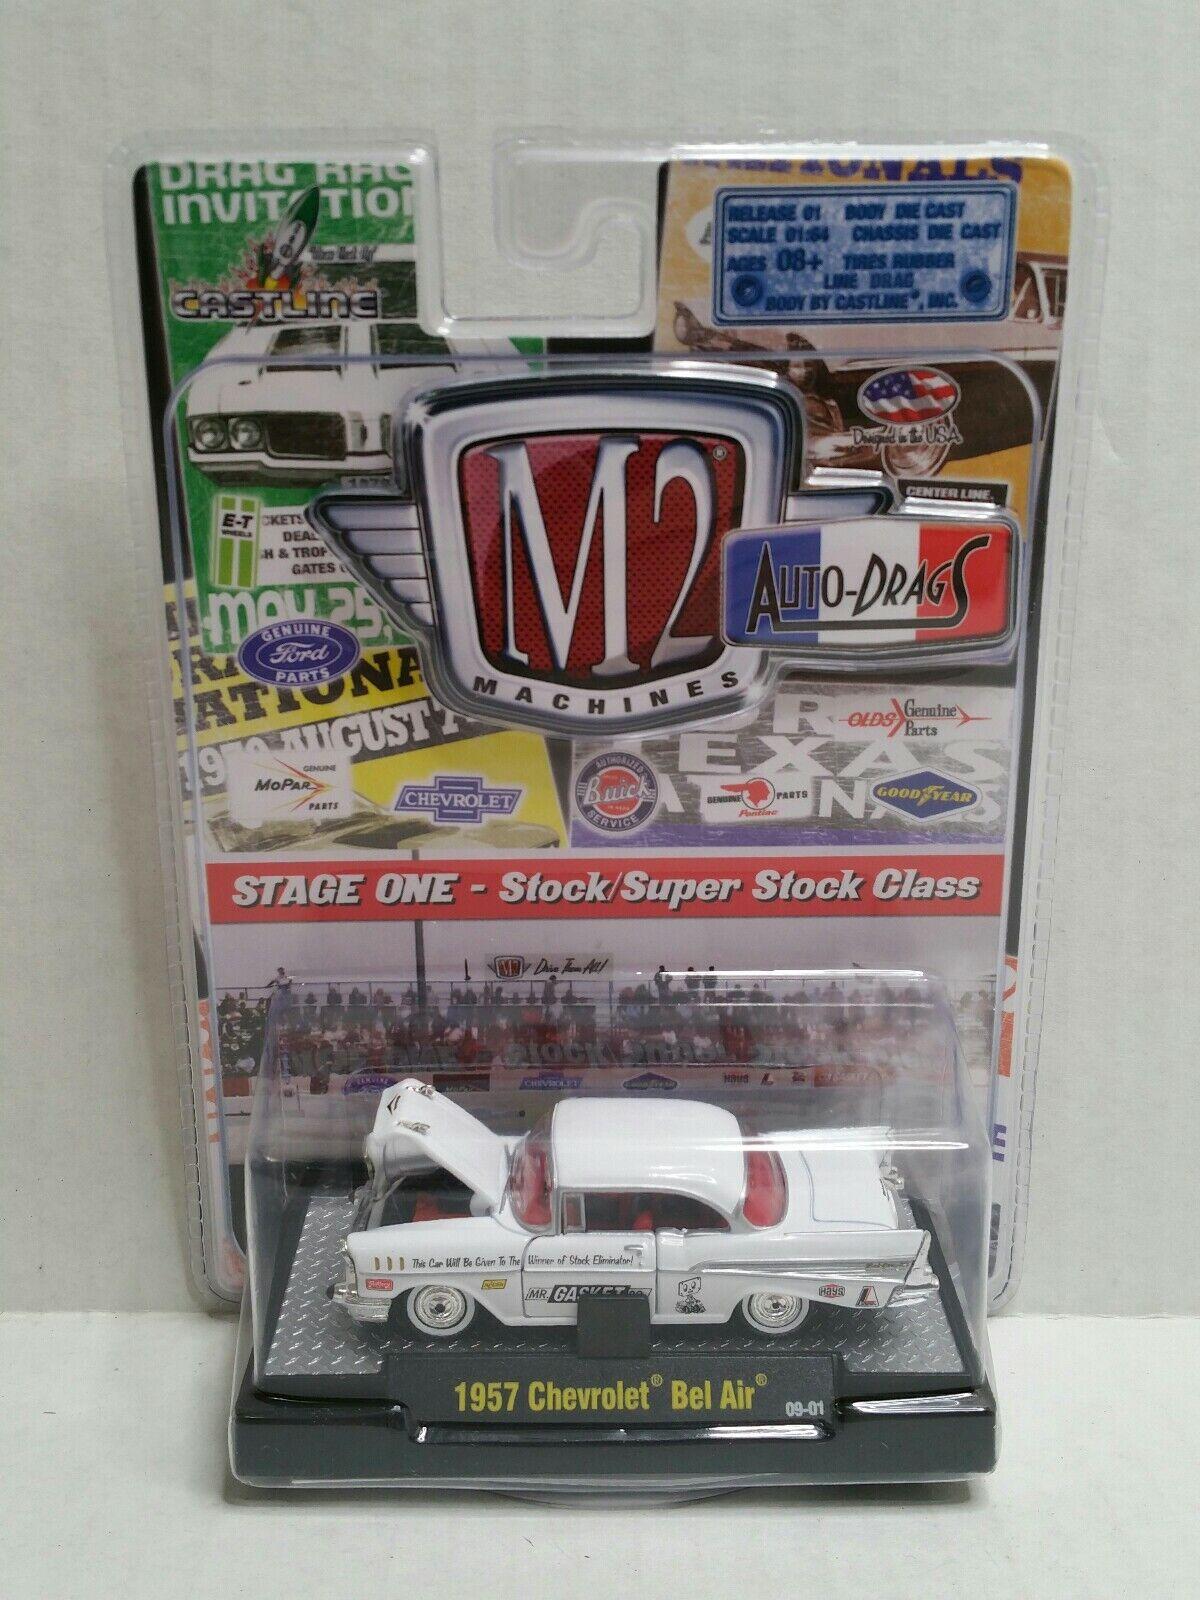 bienvenido a elegir Raro M2 máquinas auto-arrastra 1957 Chevrolet Bel Bel Bel Air Chase blancoo 1 de 500  la red entera más baja